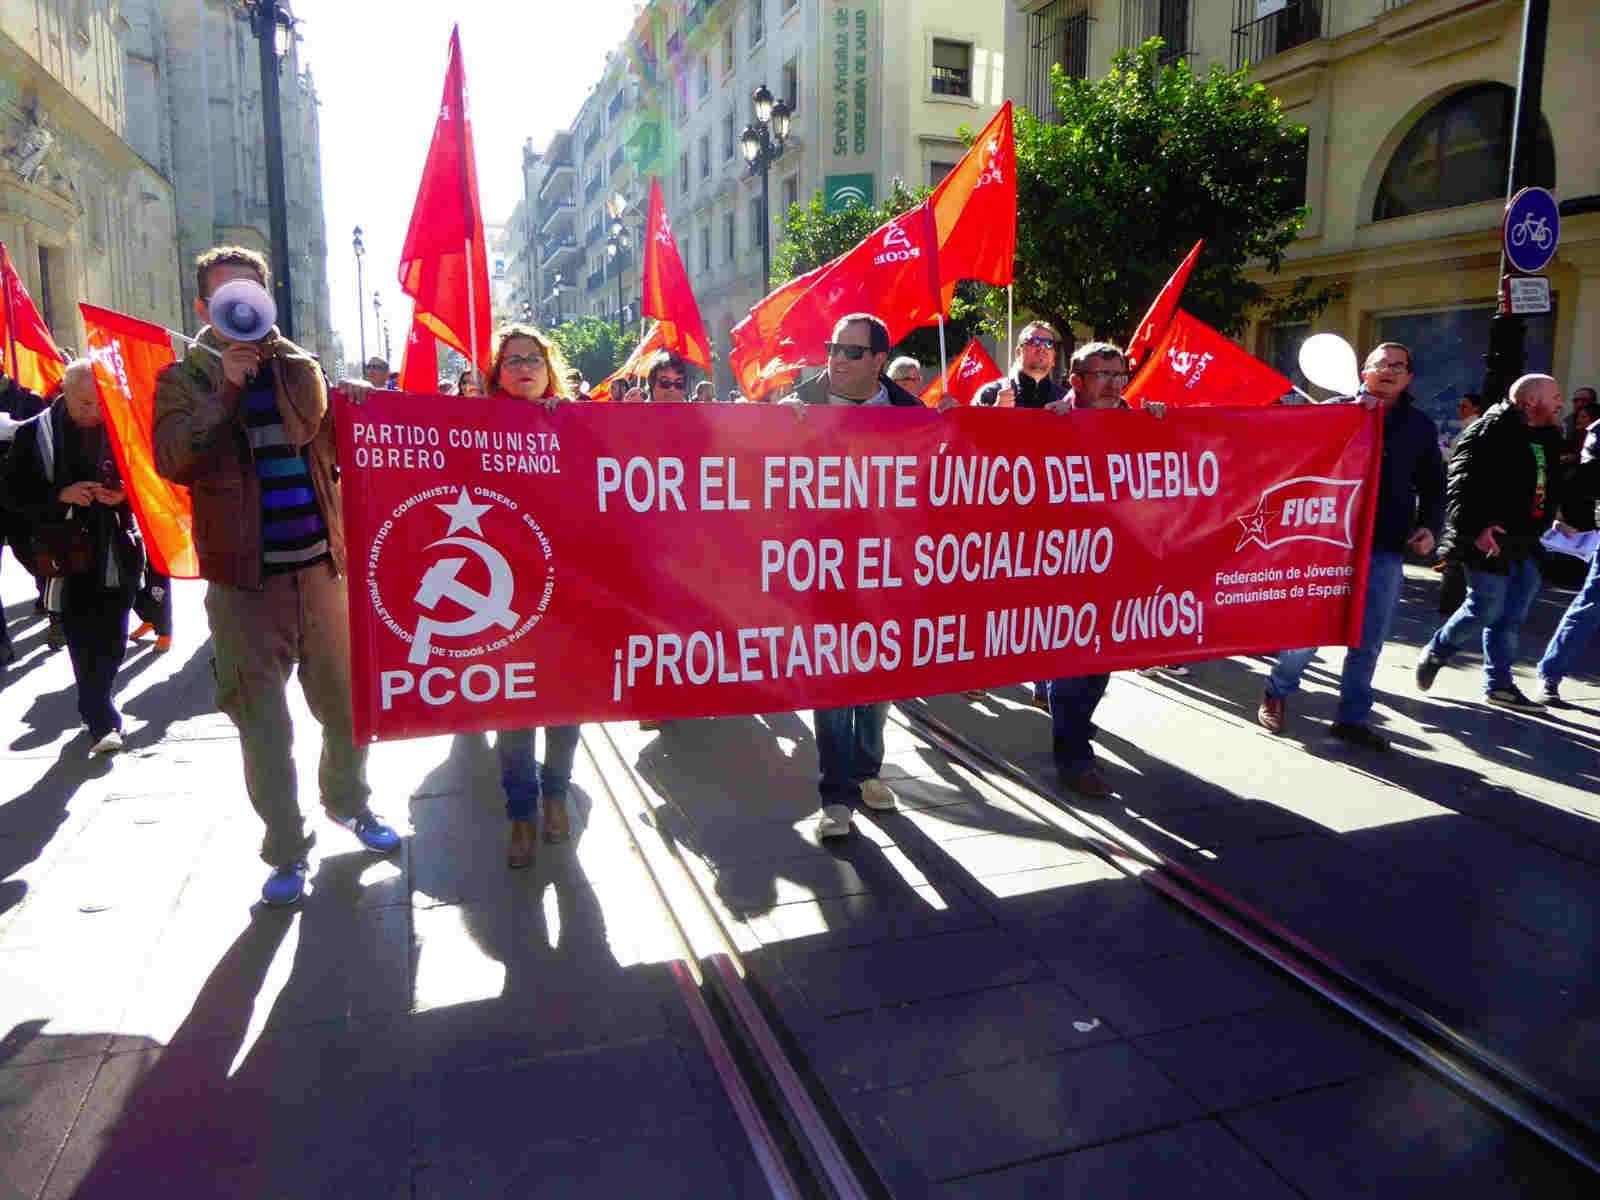 El PCOE ha acompañado hoy a la clase obrera andaluza que ha llenado las calles de Huelva, Málaga, Sevilla y Granada desbordando las previsiones de los propios organizadores. Decenas de…